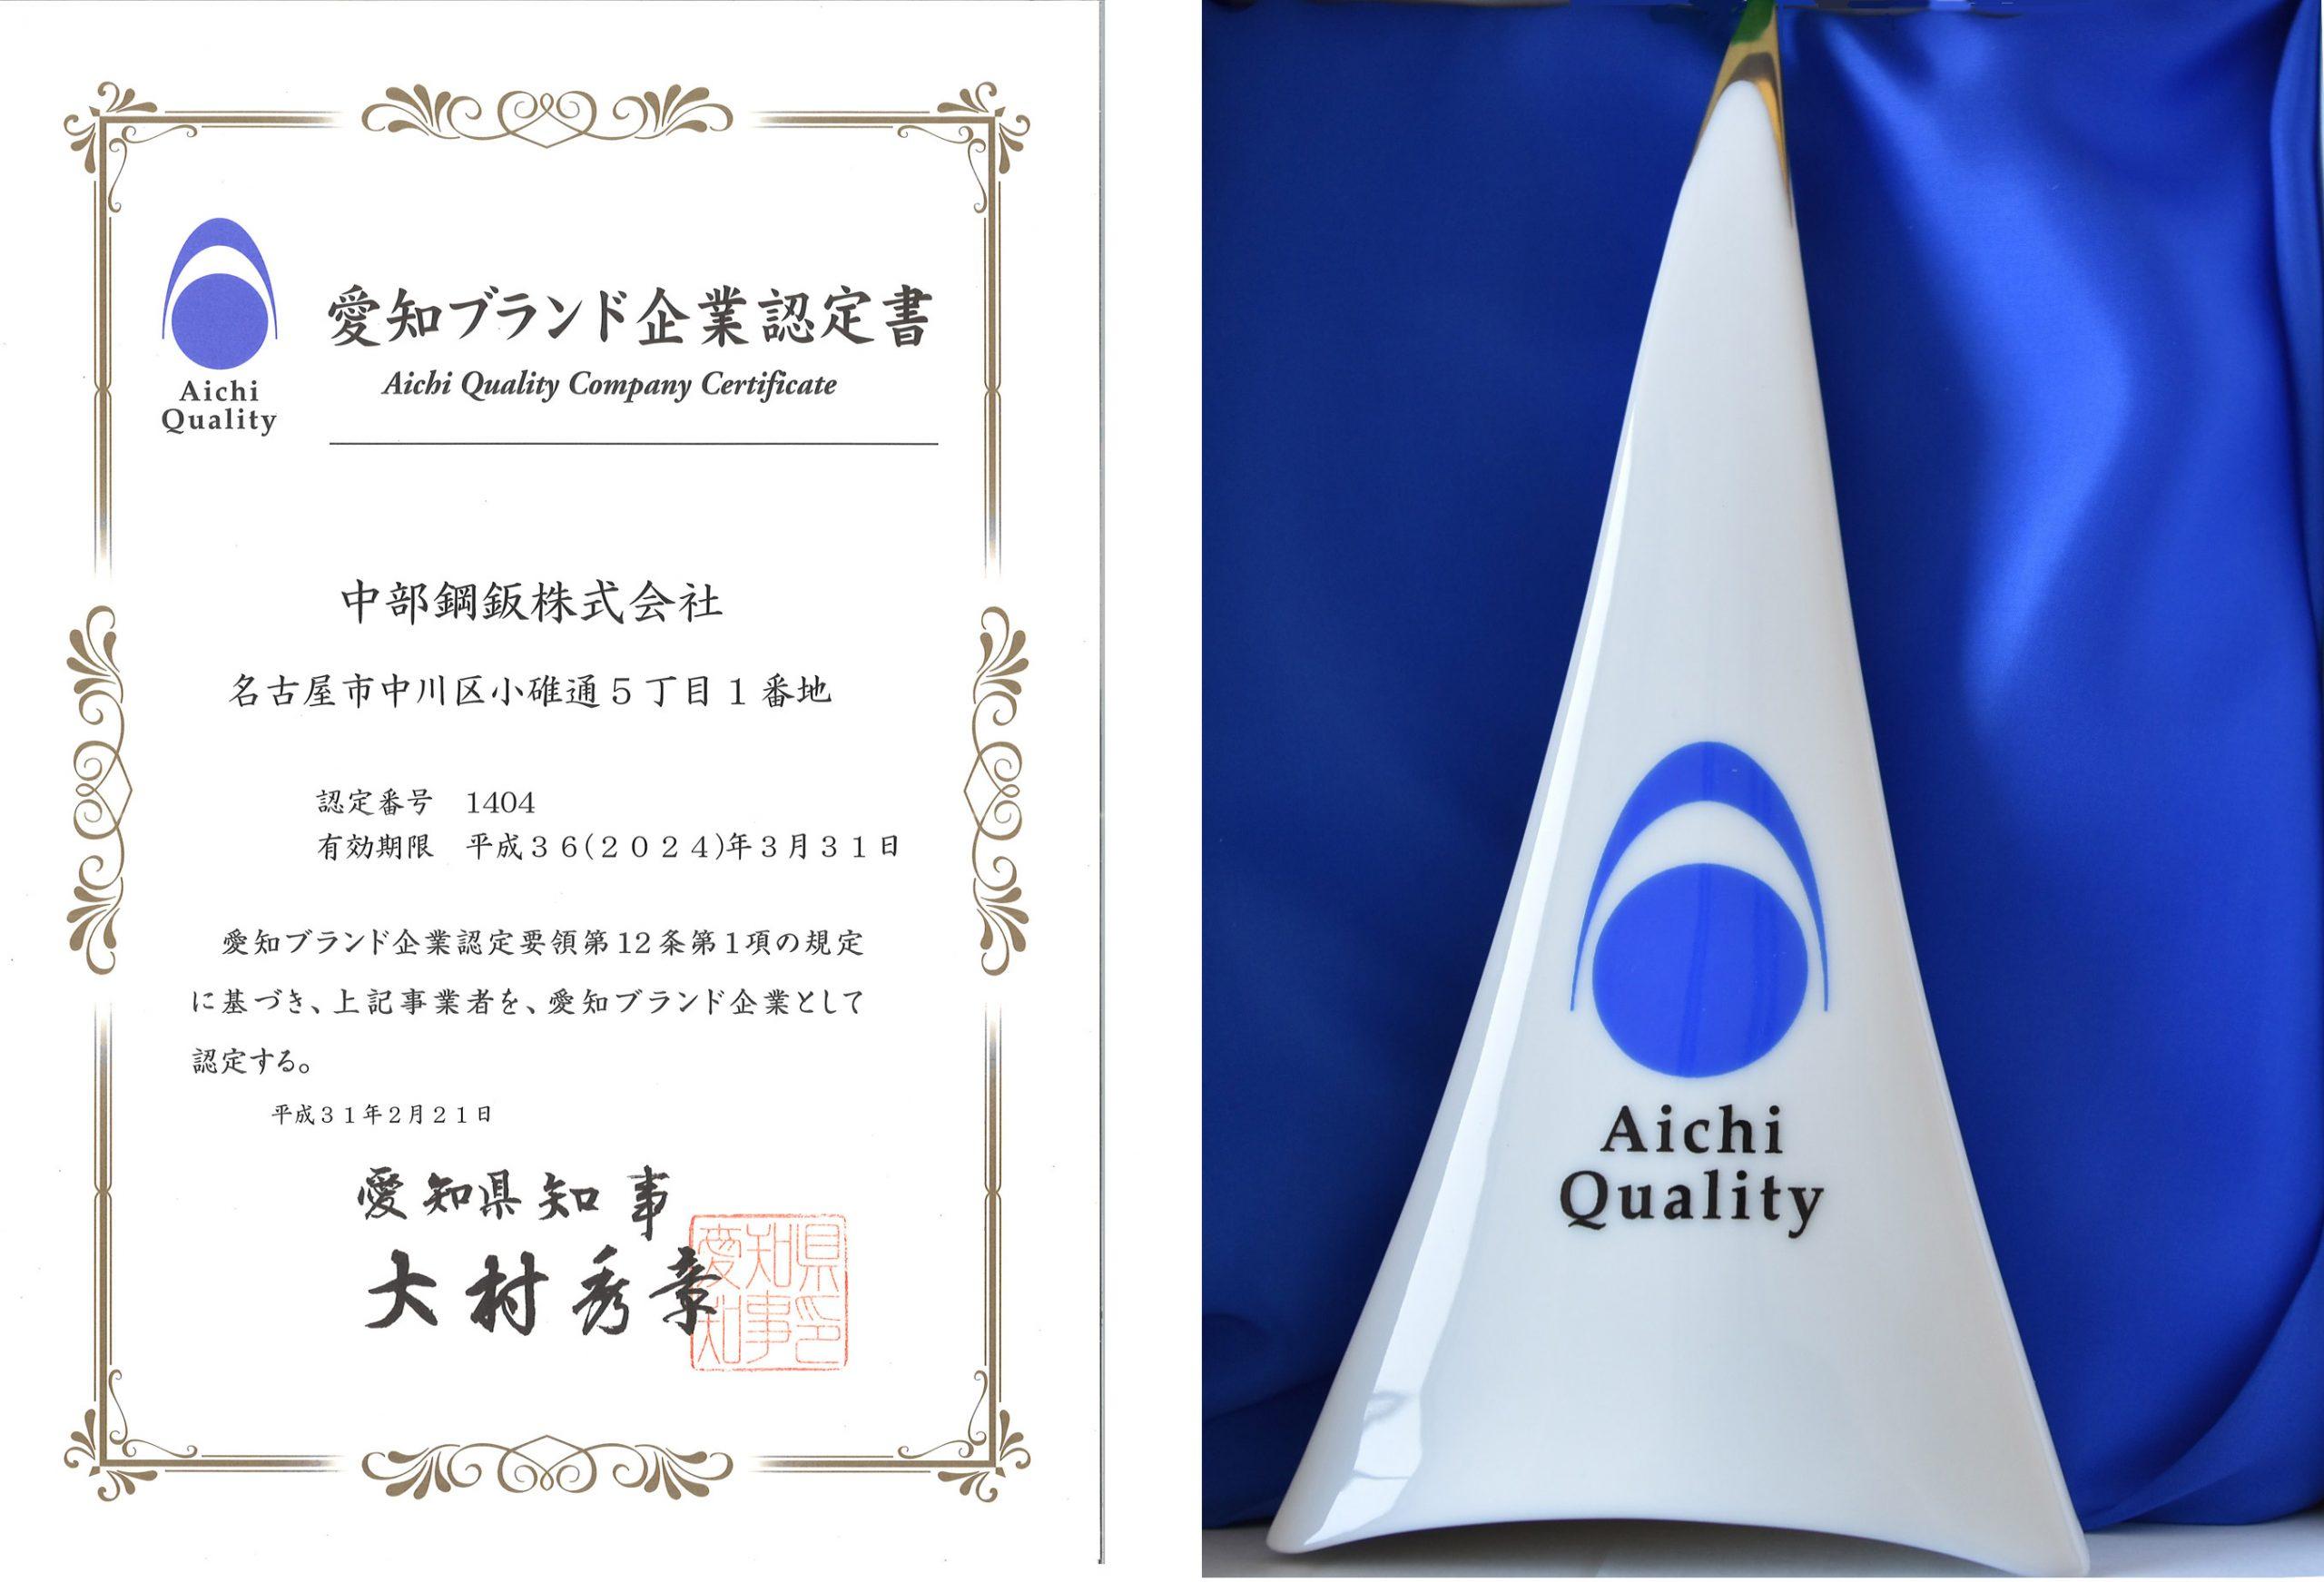 「平成30年度 愛知ブランド企業」認定